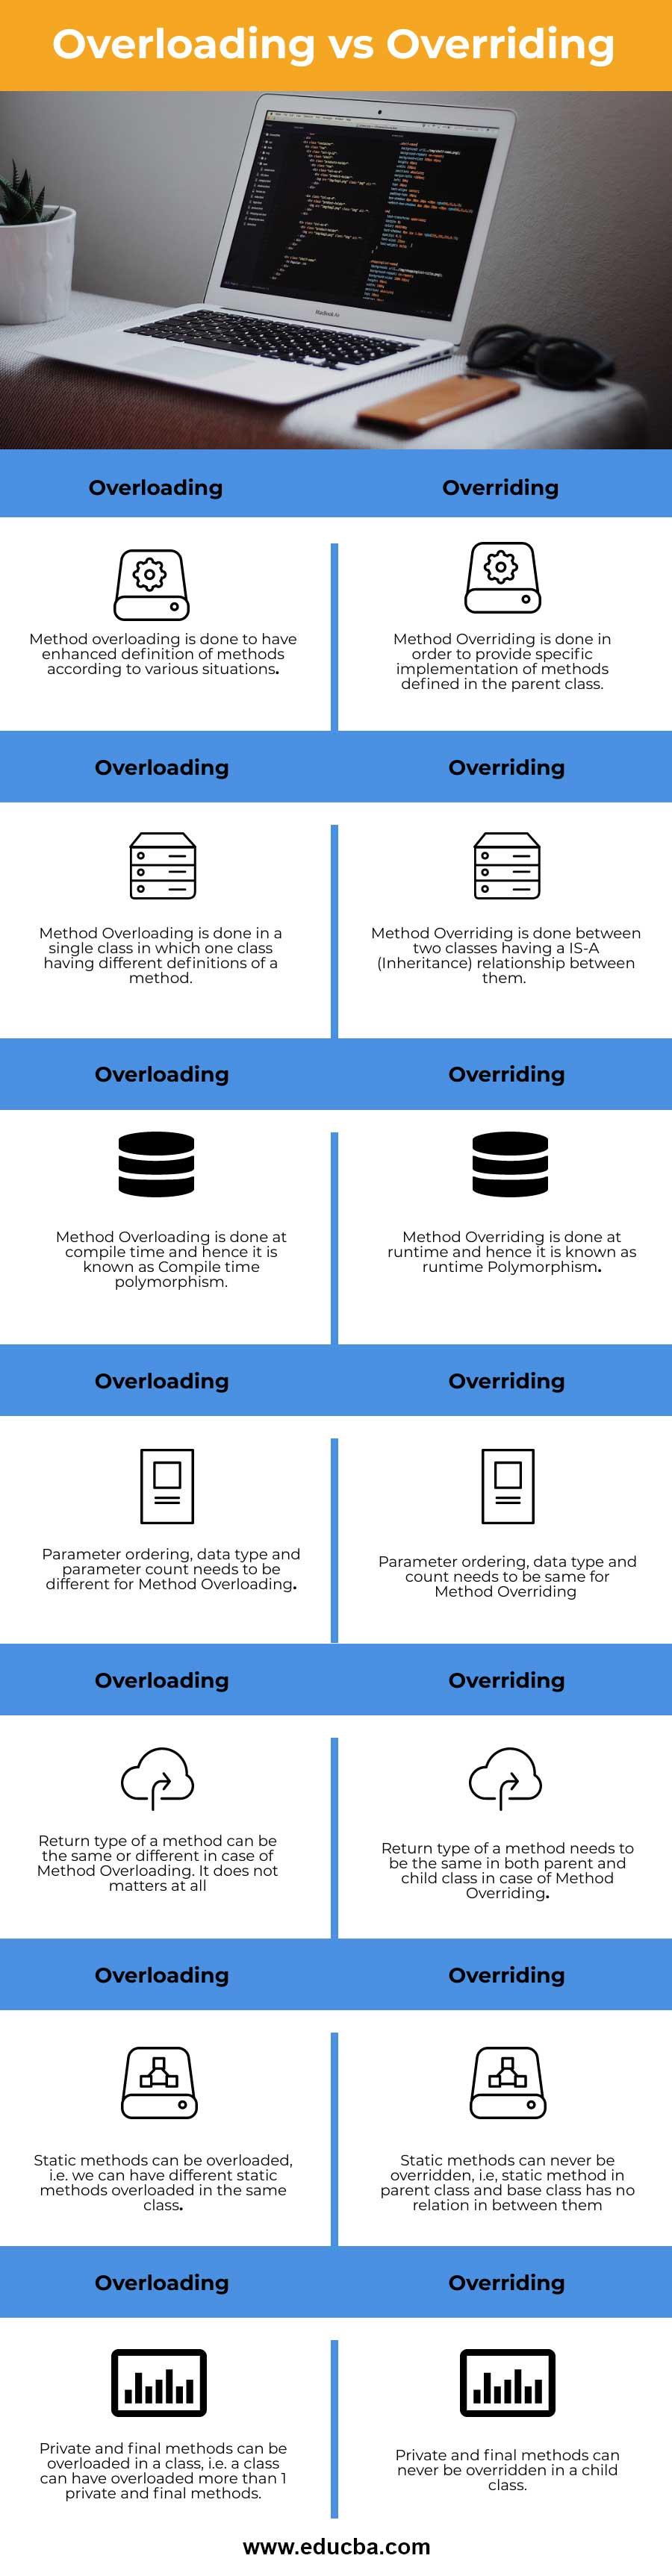 Overloading-vs-Overriding-info